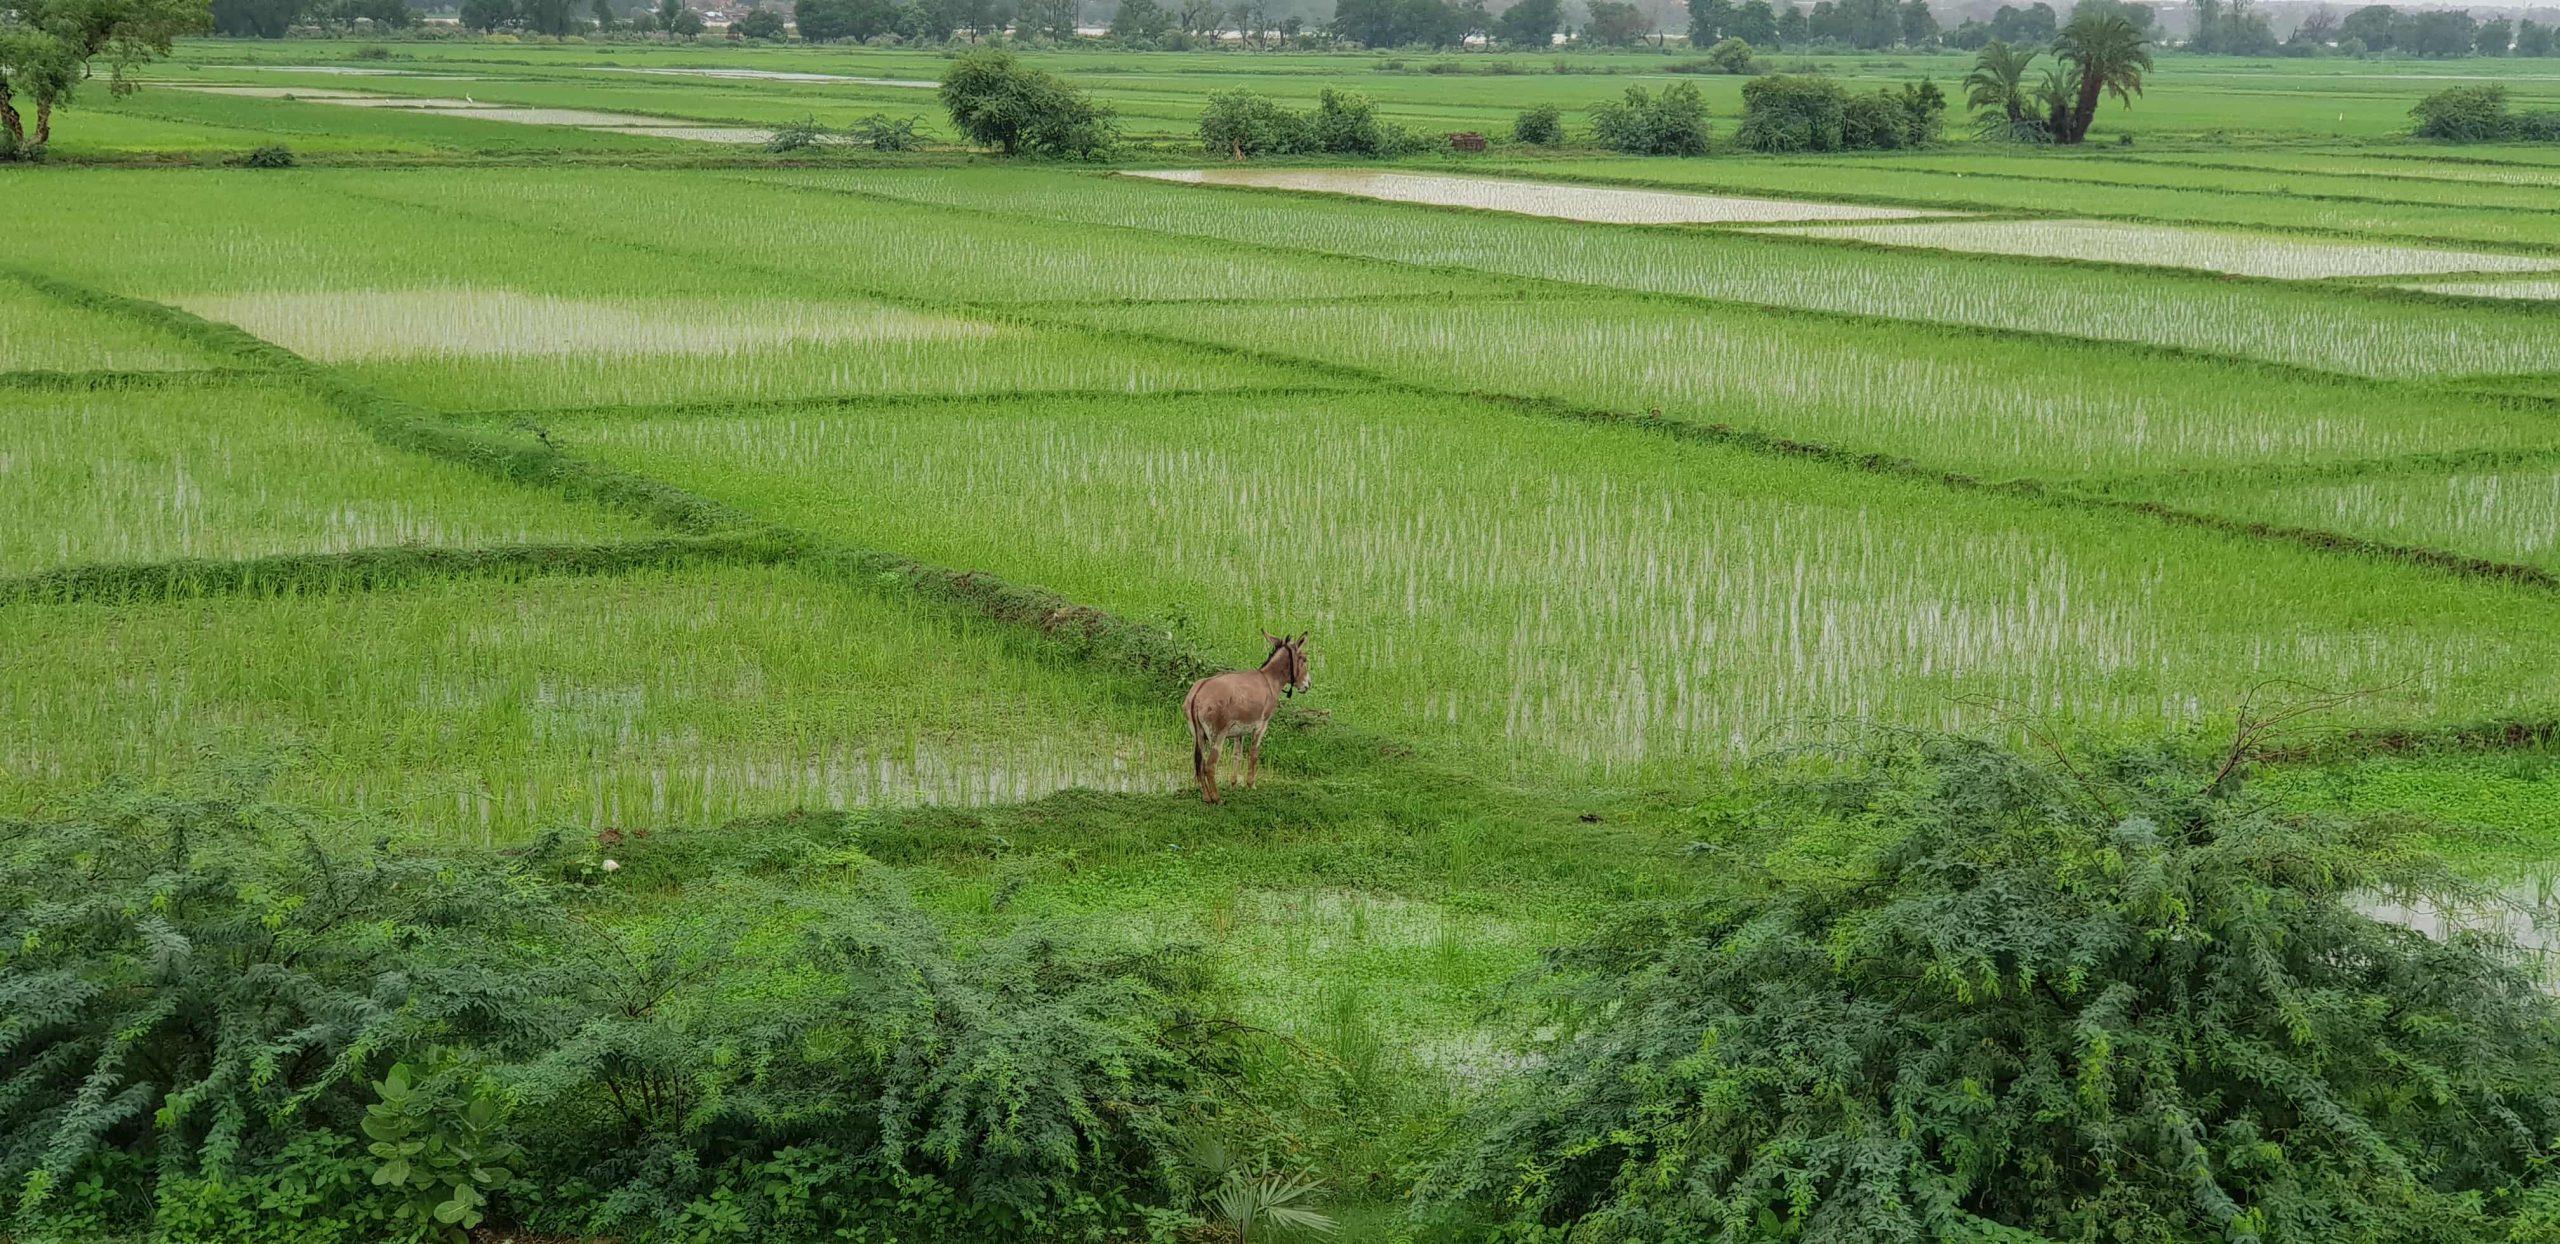 Département de Gaya : environ 150 hectares de cultures de riz sont engloutis par les eaux du fleuve Niger